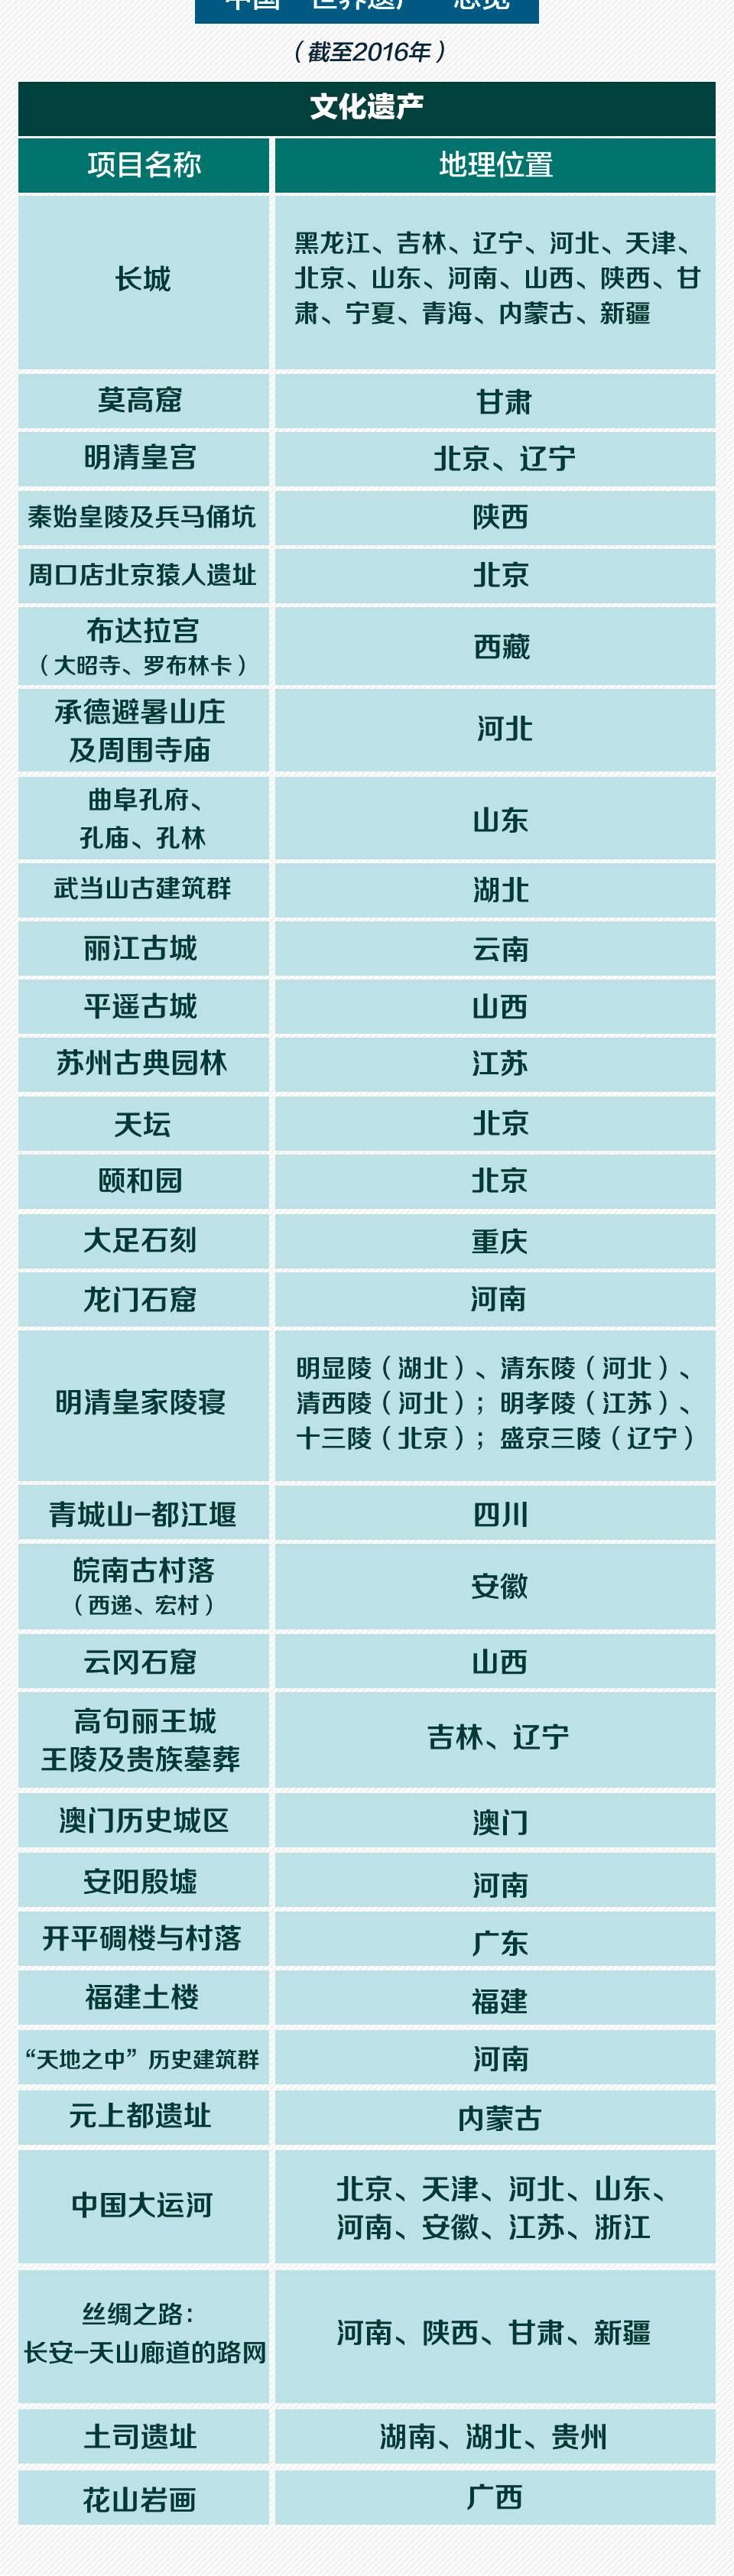 厦门鼓浪屿申遗成功 中国拥有世界遗产达到52项 - bayi1966 - bayi1966的博客